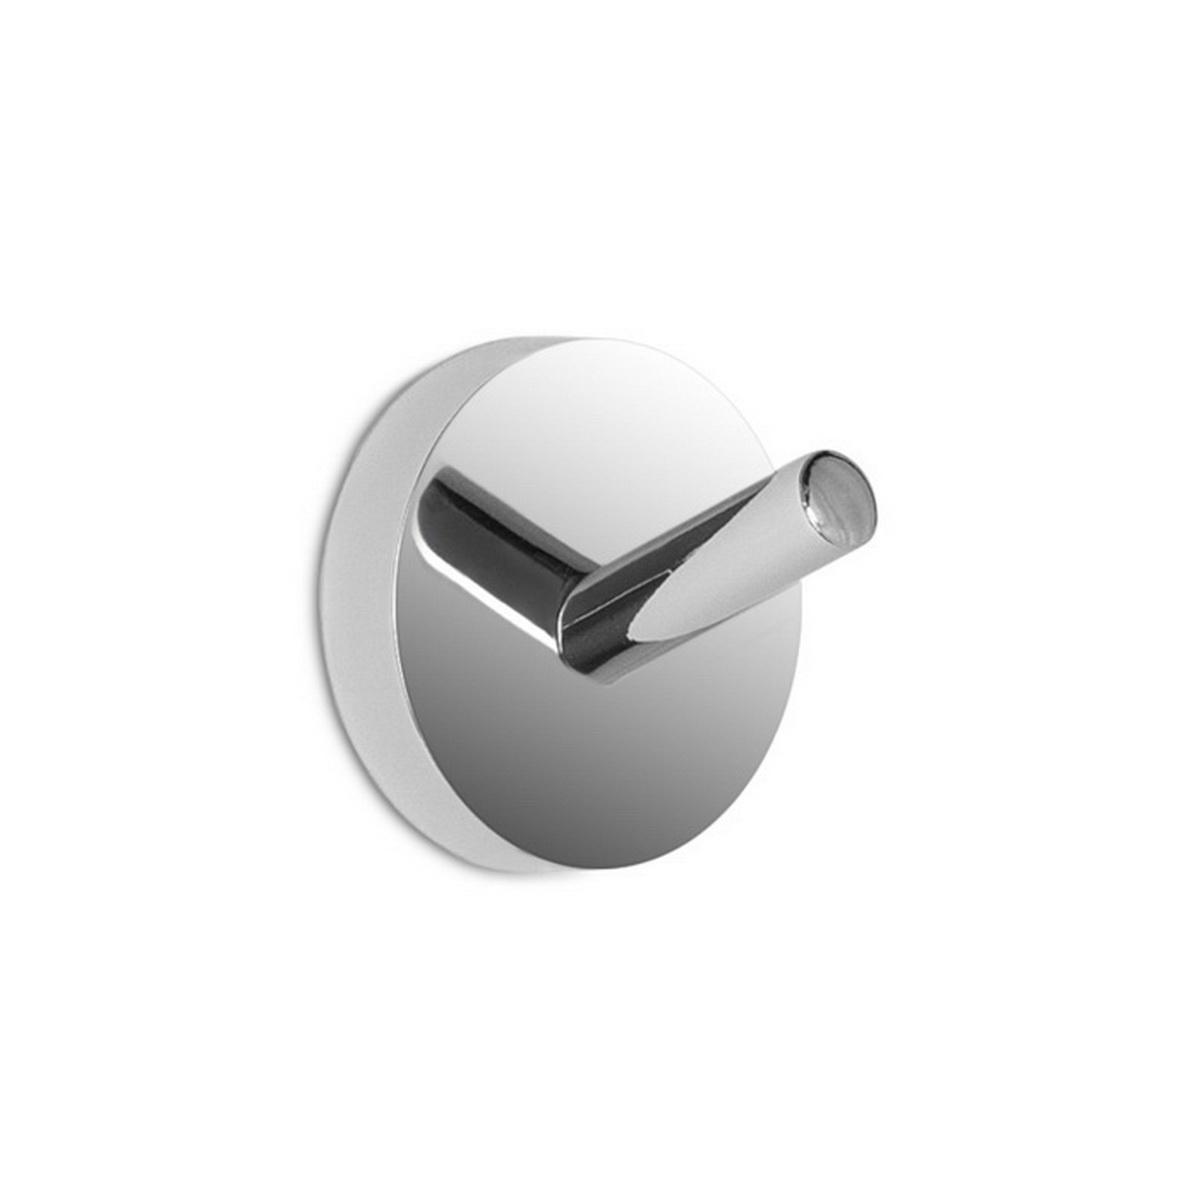 Крючок для ванной Sibo SI11103, Металл крючок для ванной i pavoni